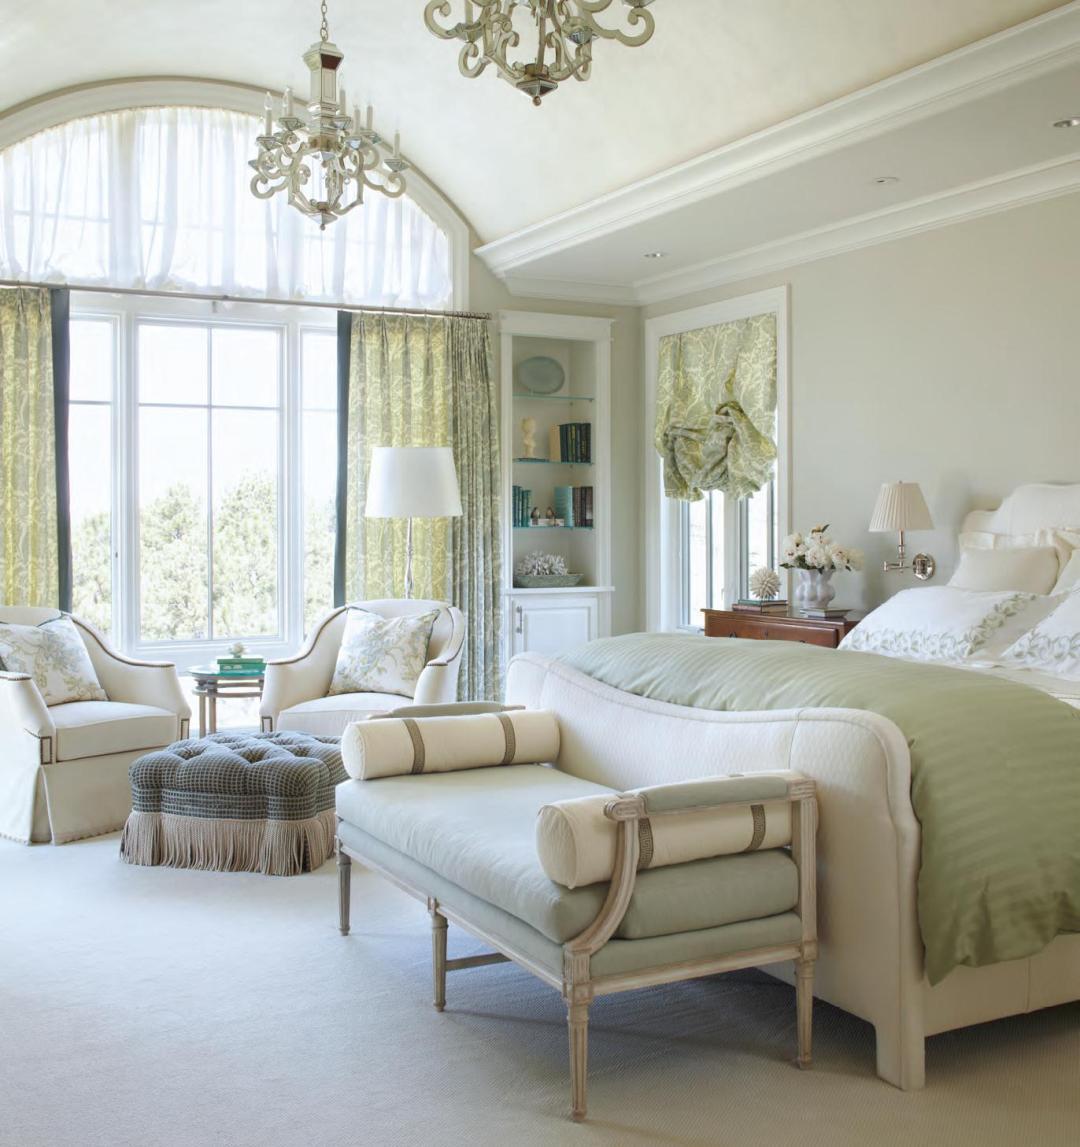 greg, Greg Comstock, comstock design, cherry creek, calming master bedroom, best colors to Paint a Bedroom